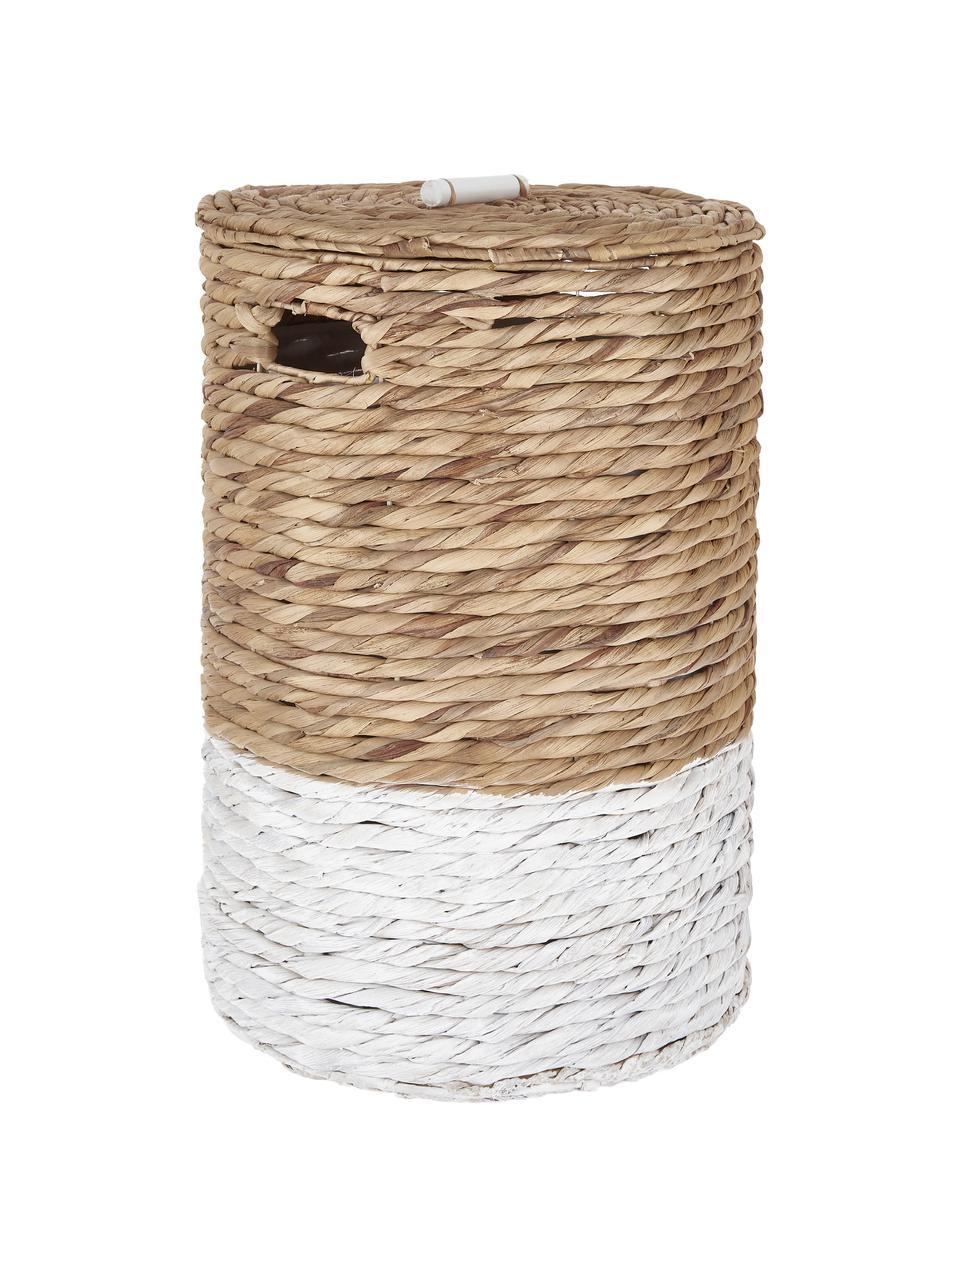 Komplet koszy na pranie Mast, 2 elem., Biały, beżowy, Komplet z różnymi rozmiarami